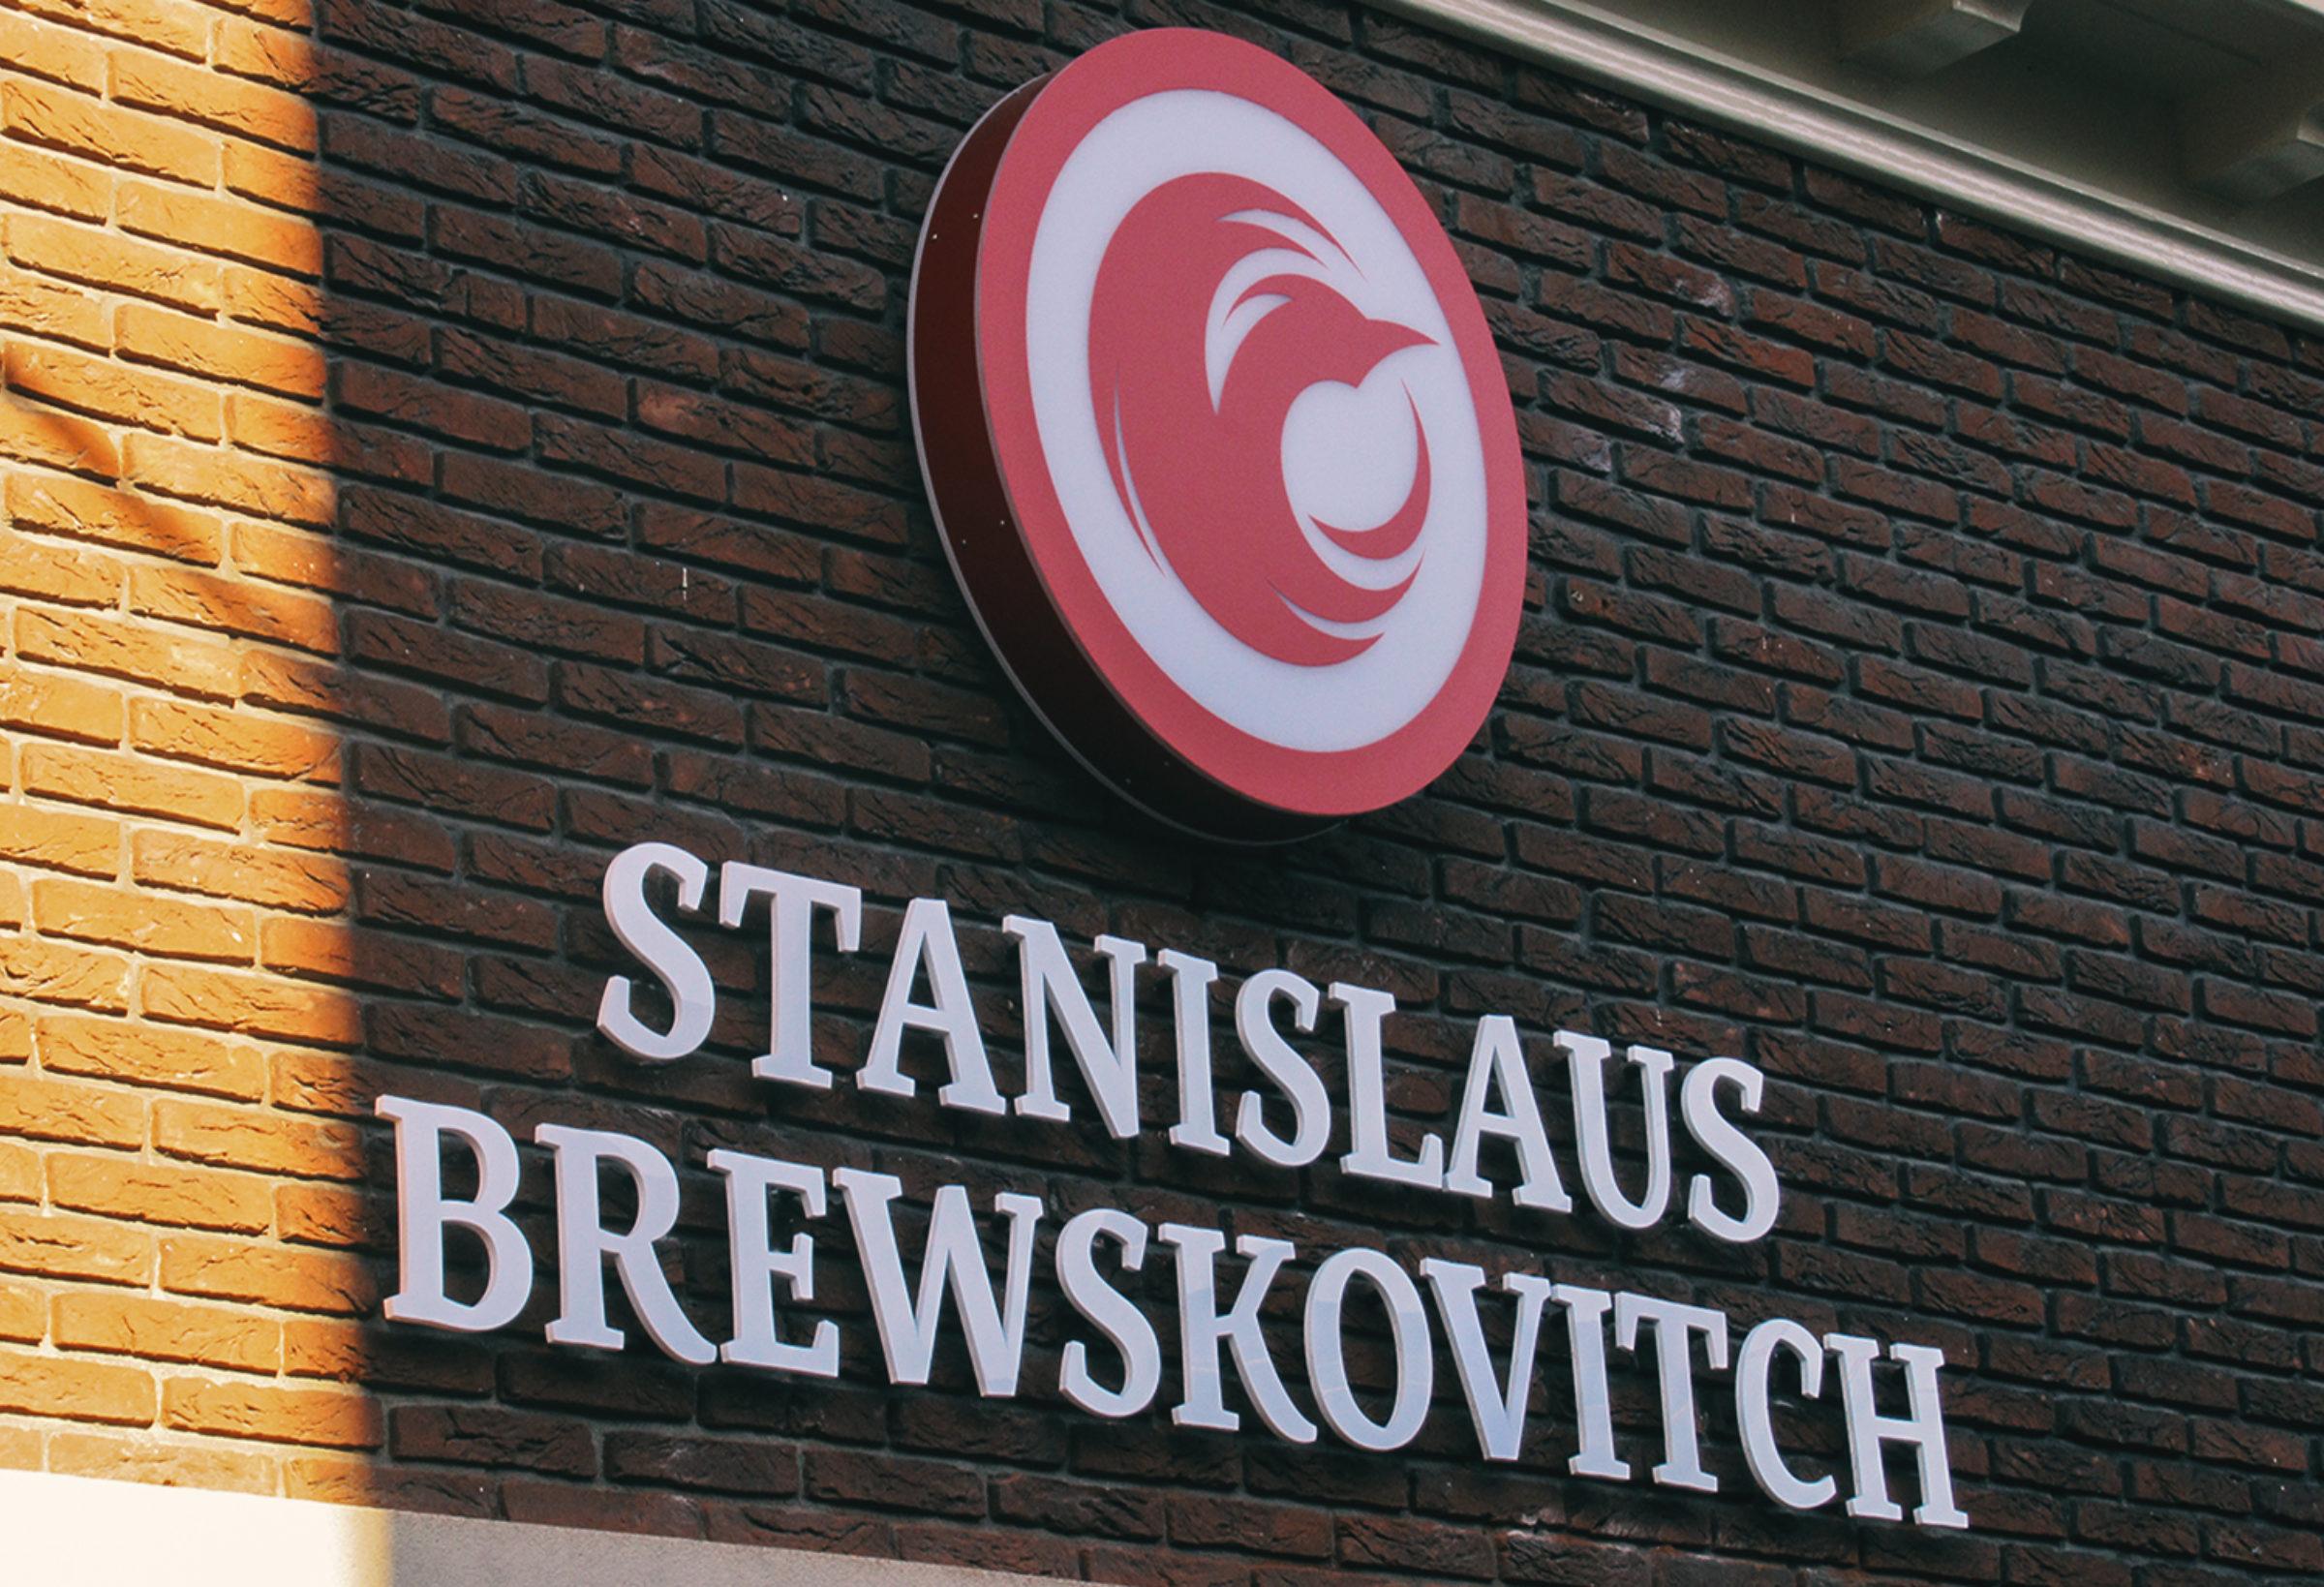 2018 Stanislaus Brewskovitch Bewerkt Horeca